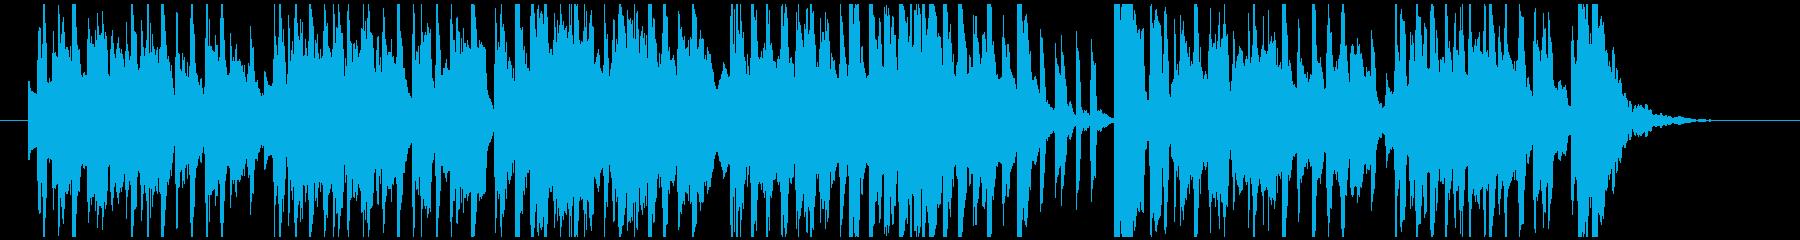 クリスマス風ベルとシンセのかわいい小曲の再生済みの波形